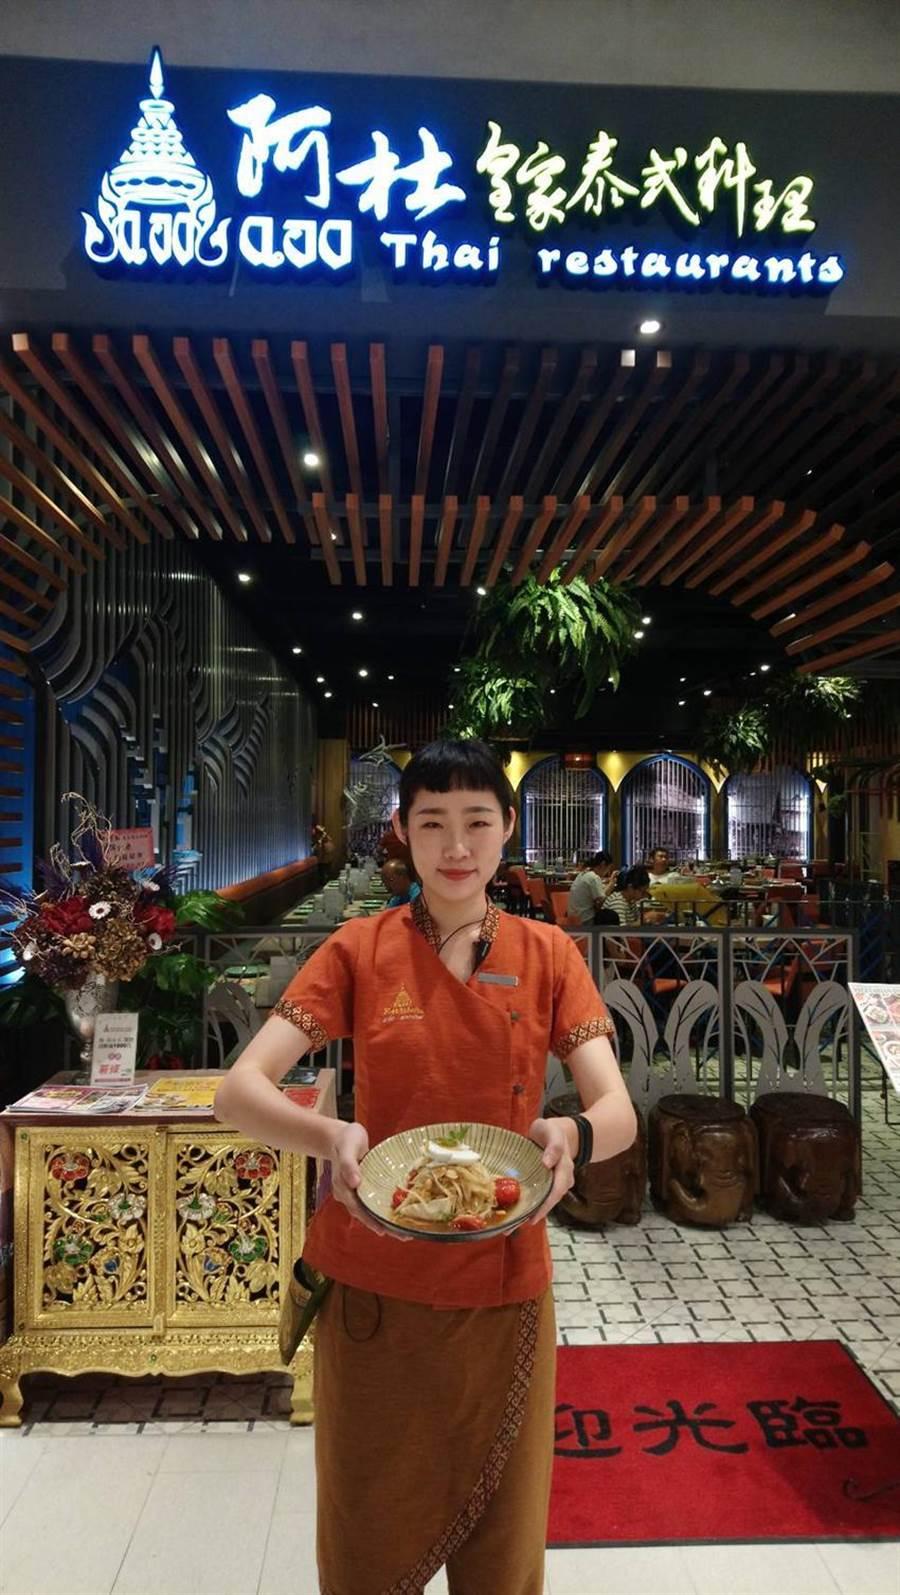 「阿杜皇家泰式料理」斥資千萬元打造秀泰台中站前店。圖/曾麗芳